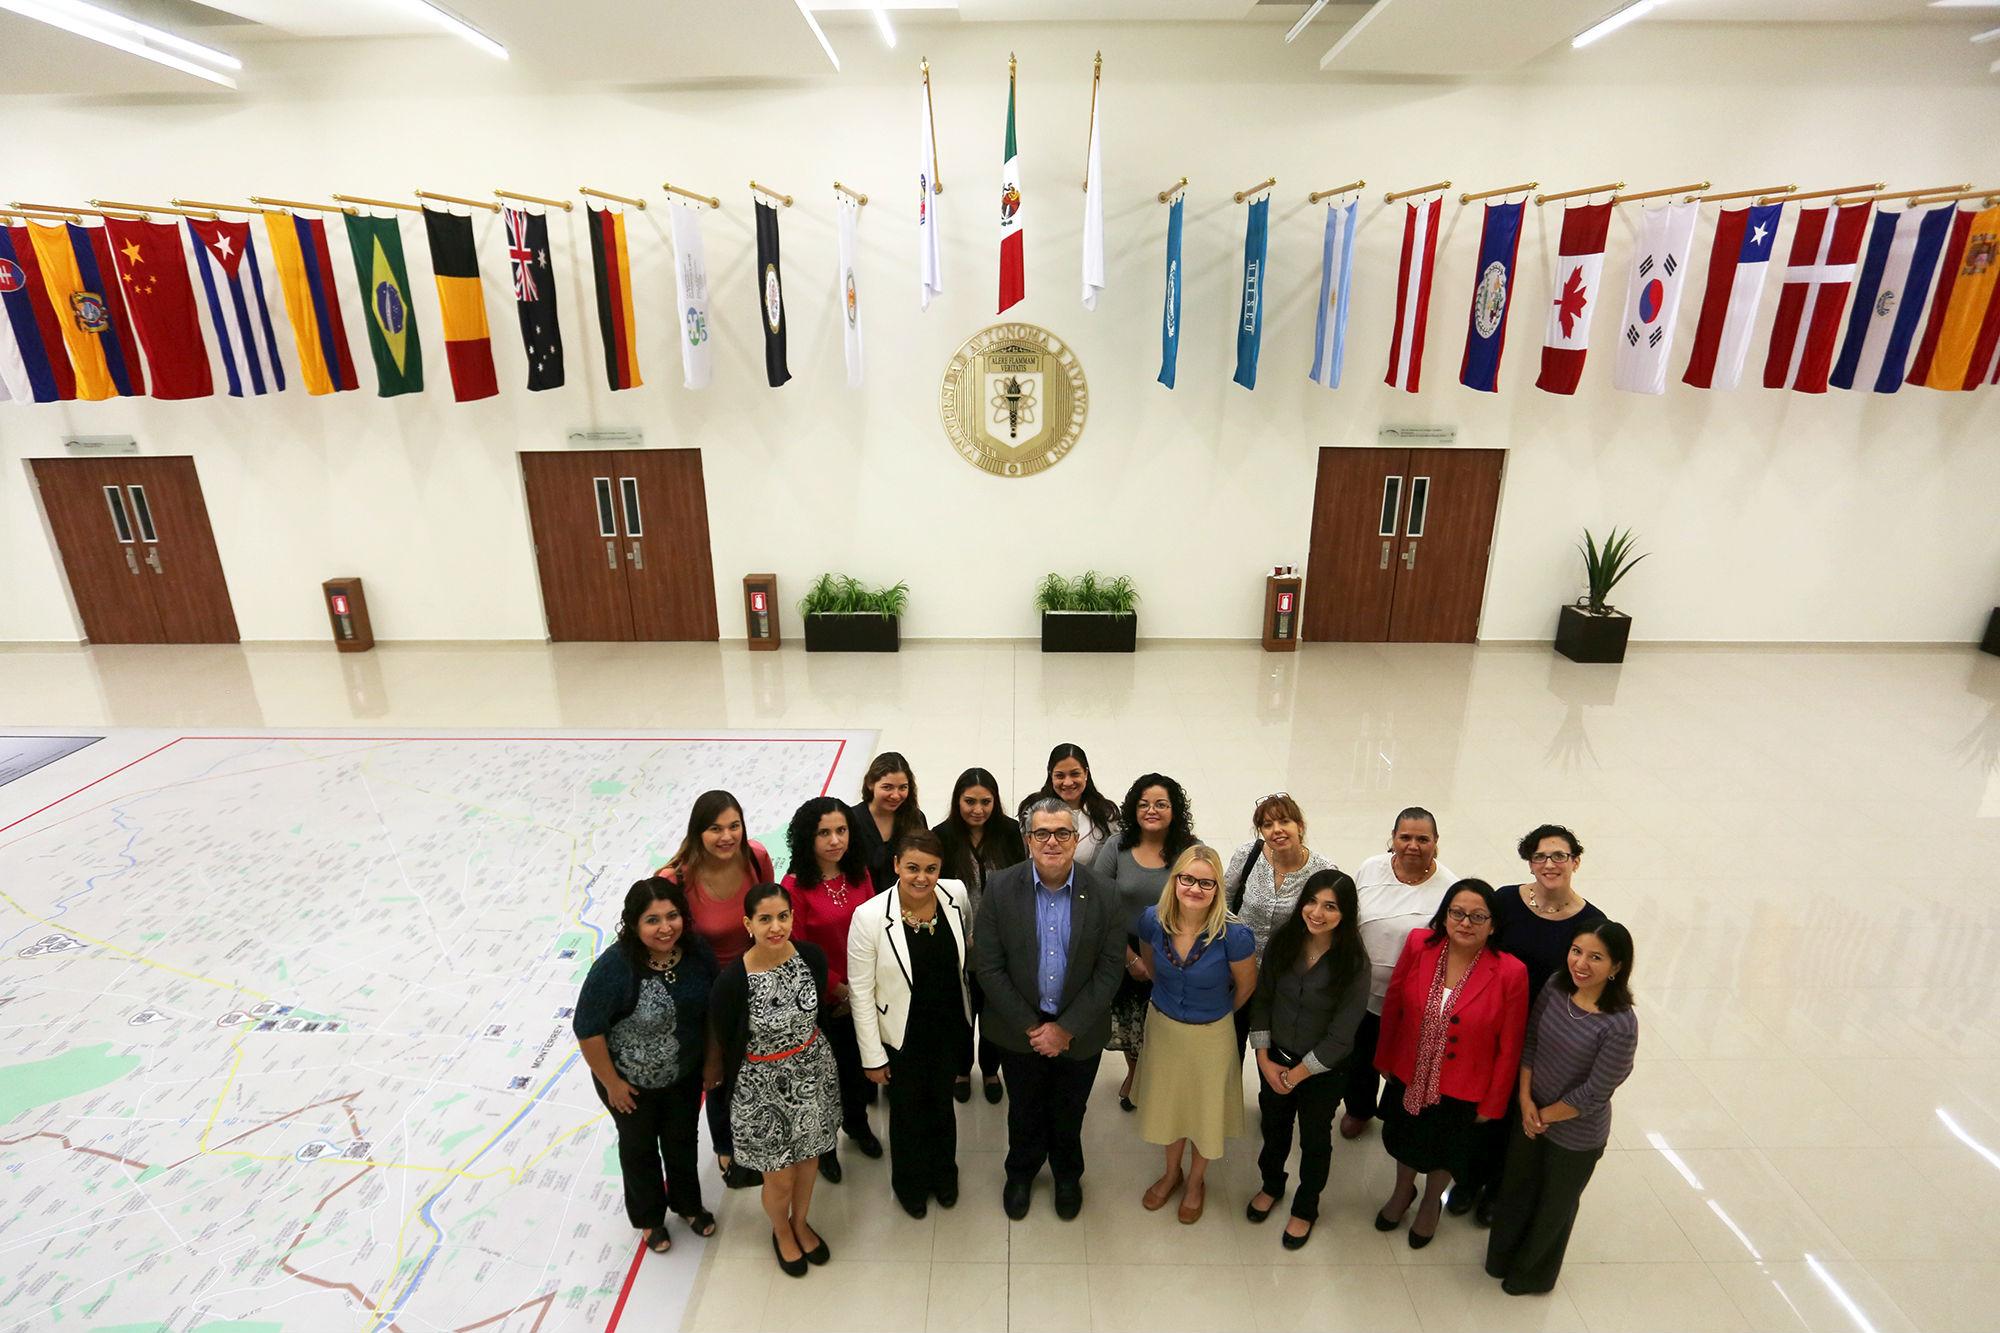 Fotografía grupal de los asistentes al taller